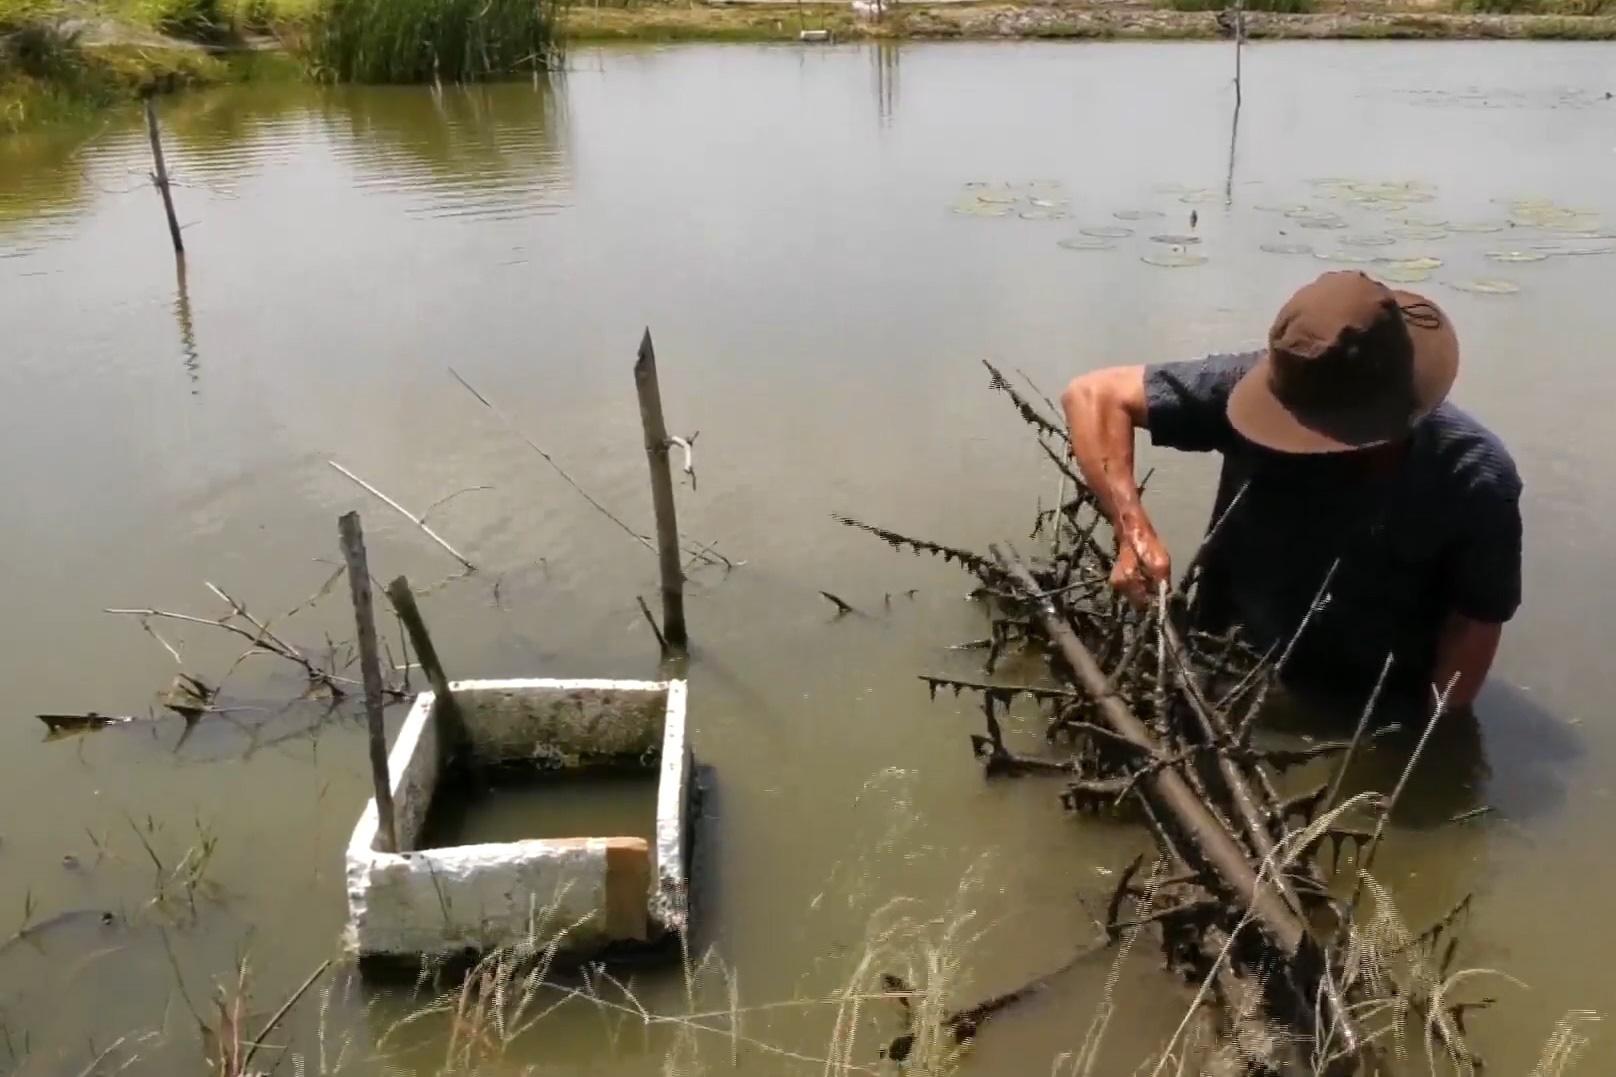 Khởi nghiệp thành công mô hình nuôi cá chạch lấu, lão nông háo hức chờ ngày thu hoạch bội thu - Ảnh 4.